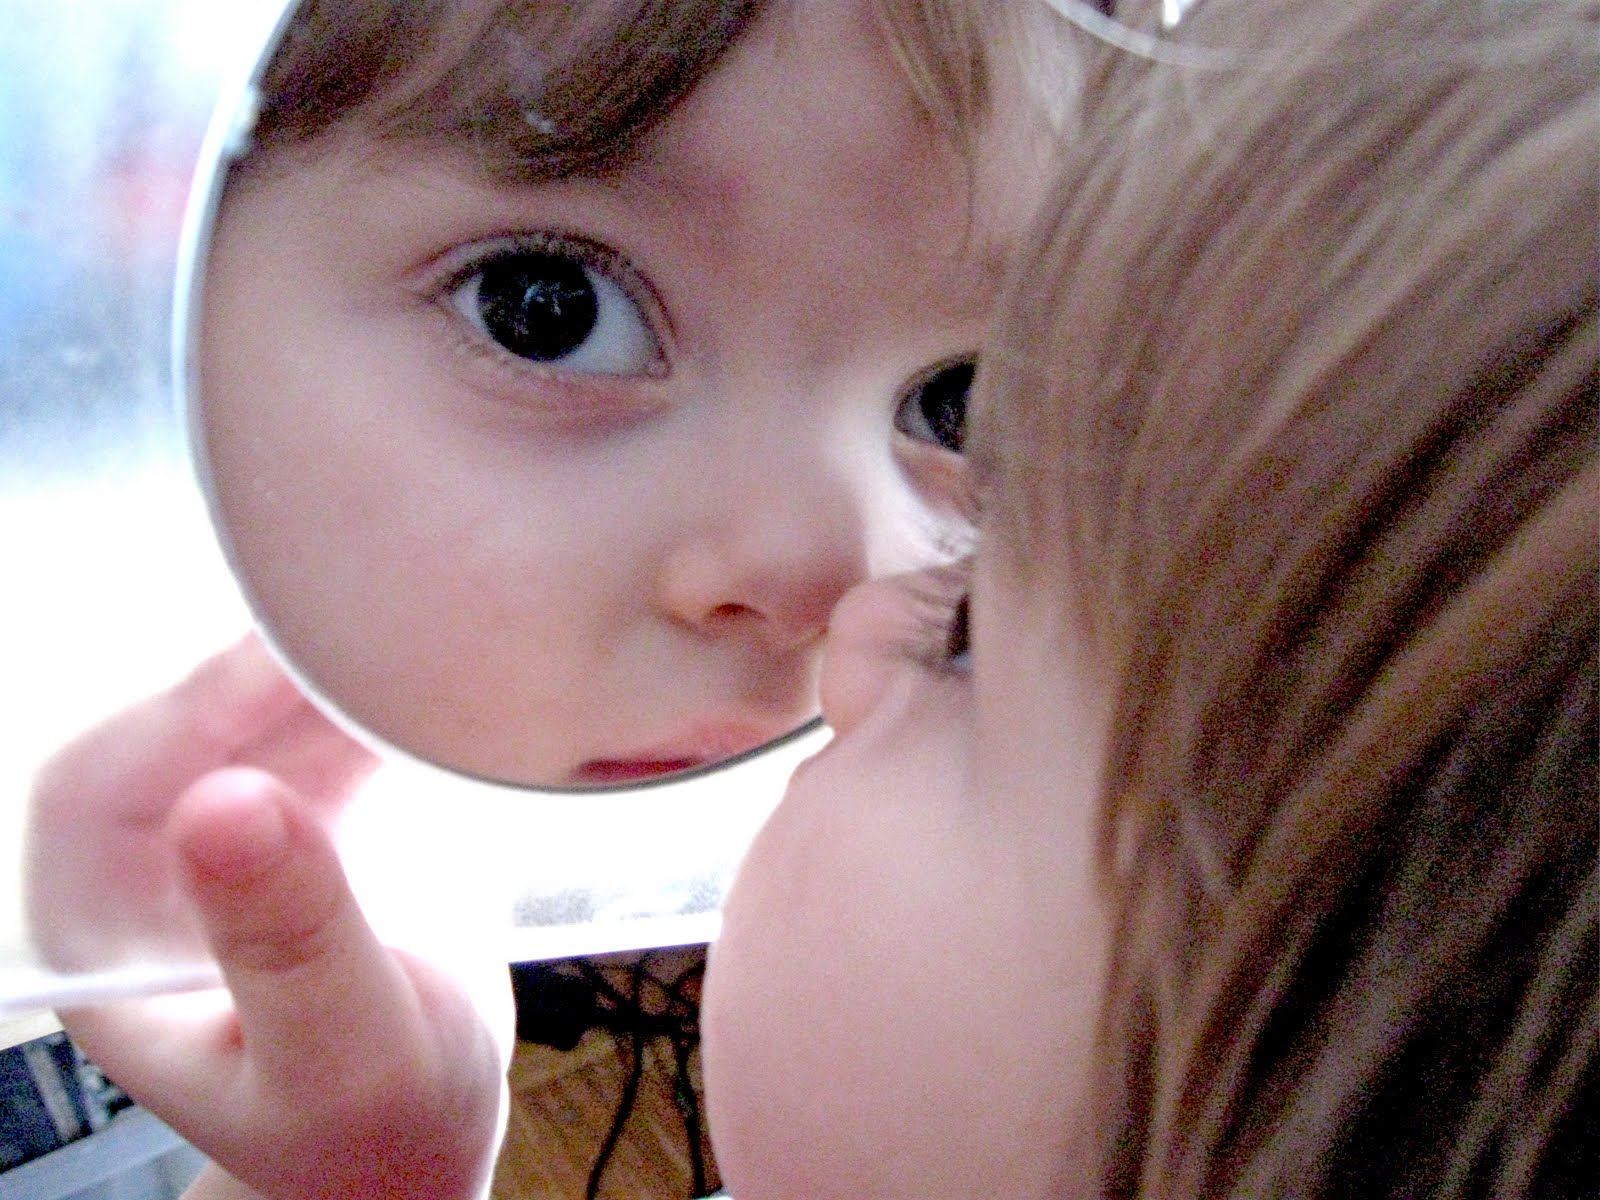 baby_looking_in_a_mirror_by_kleinerschnuff